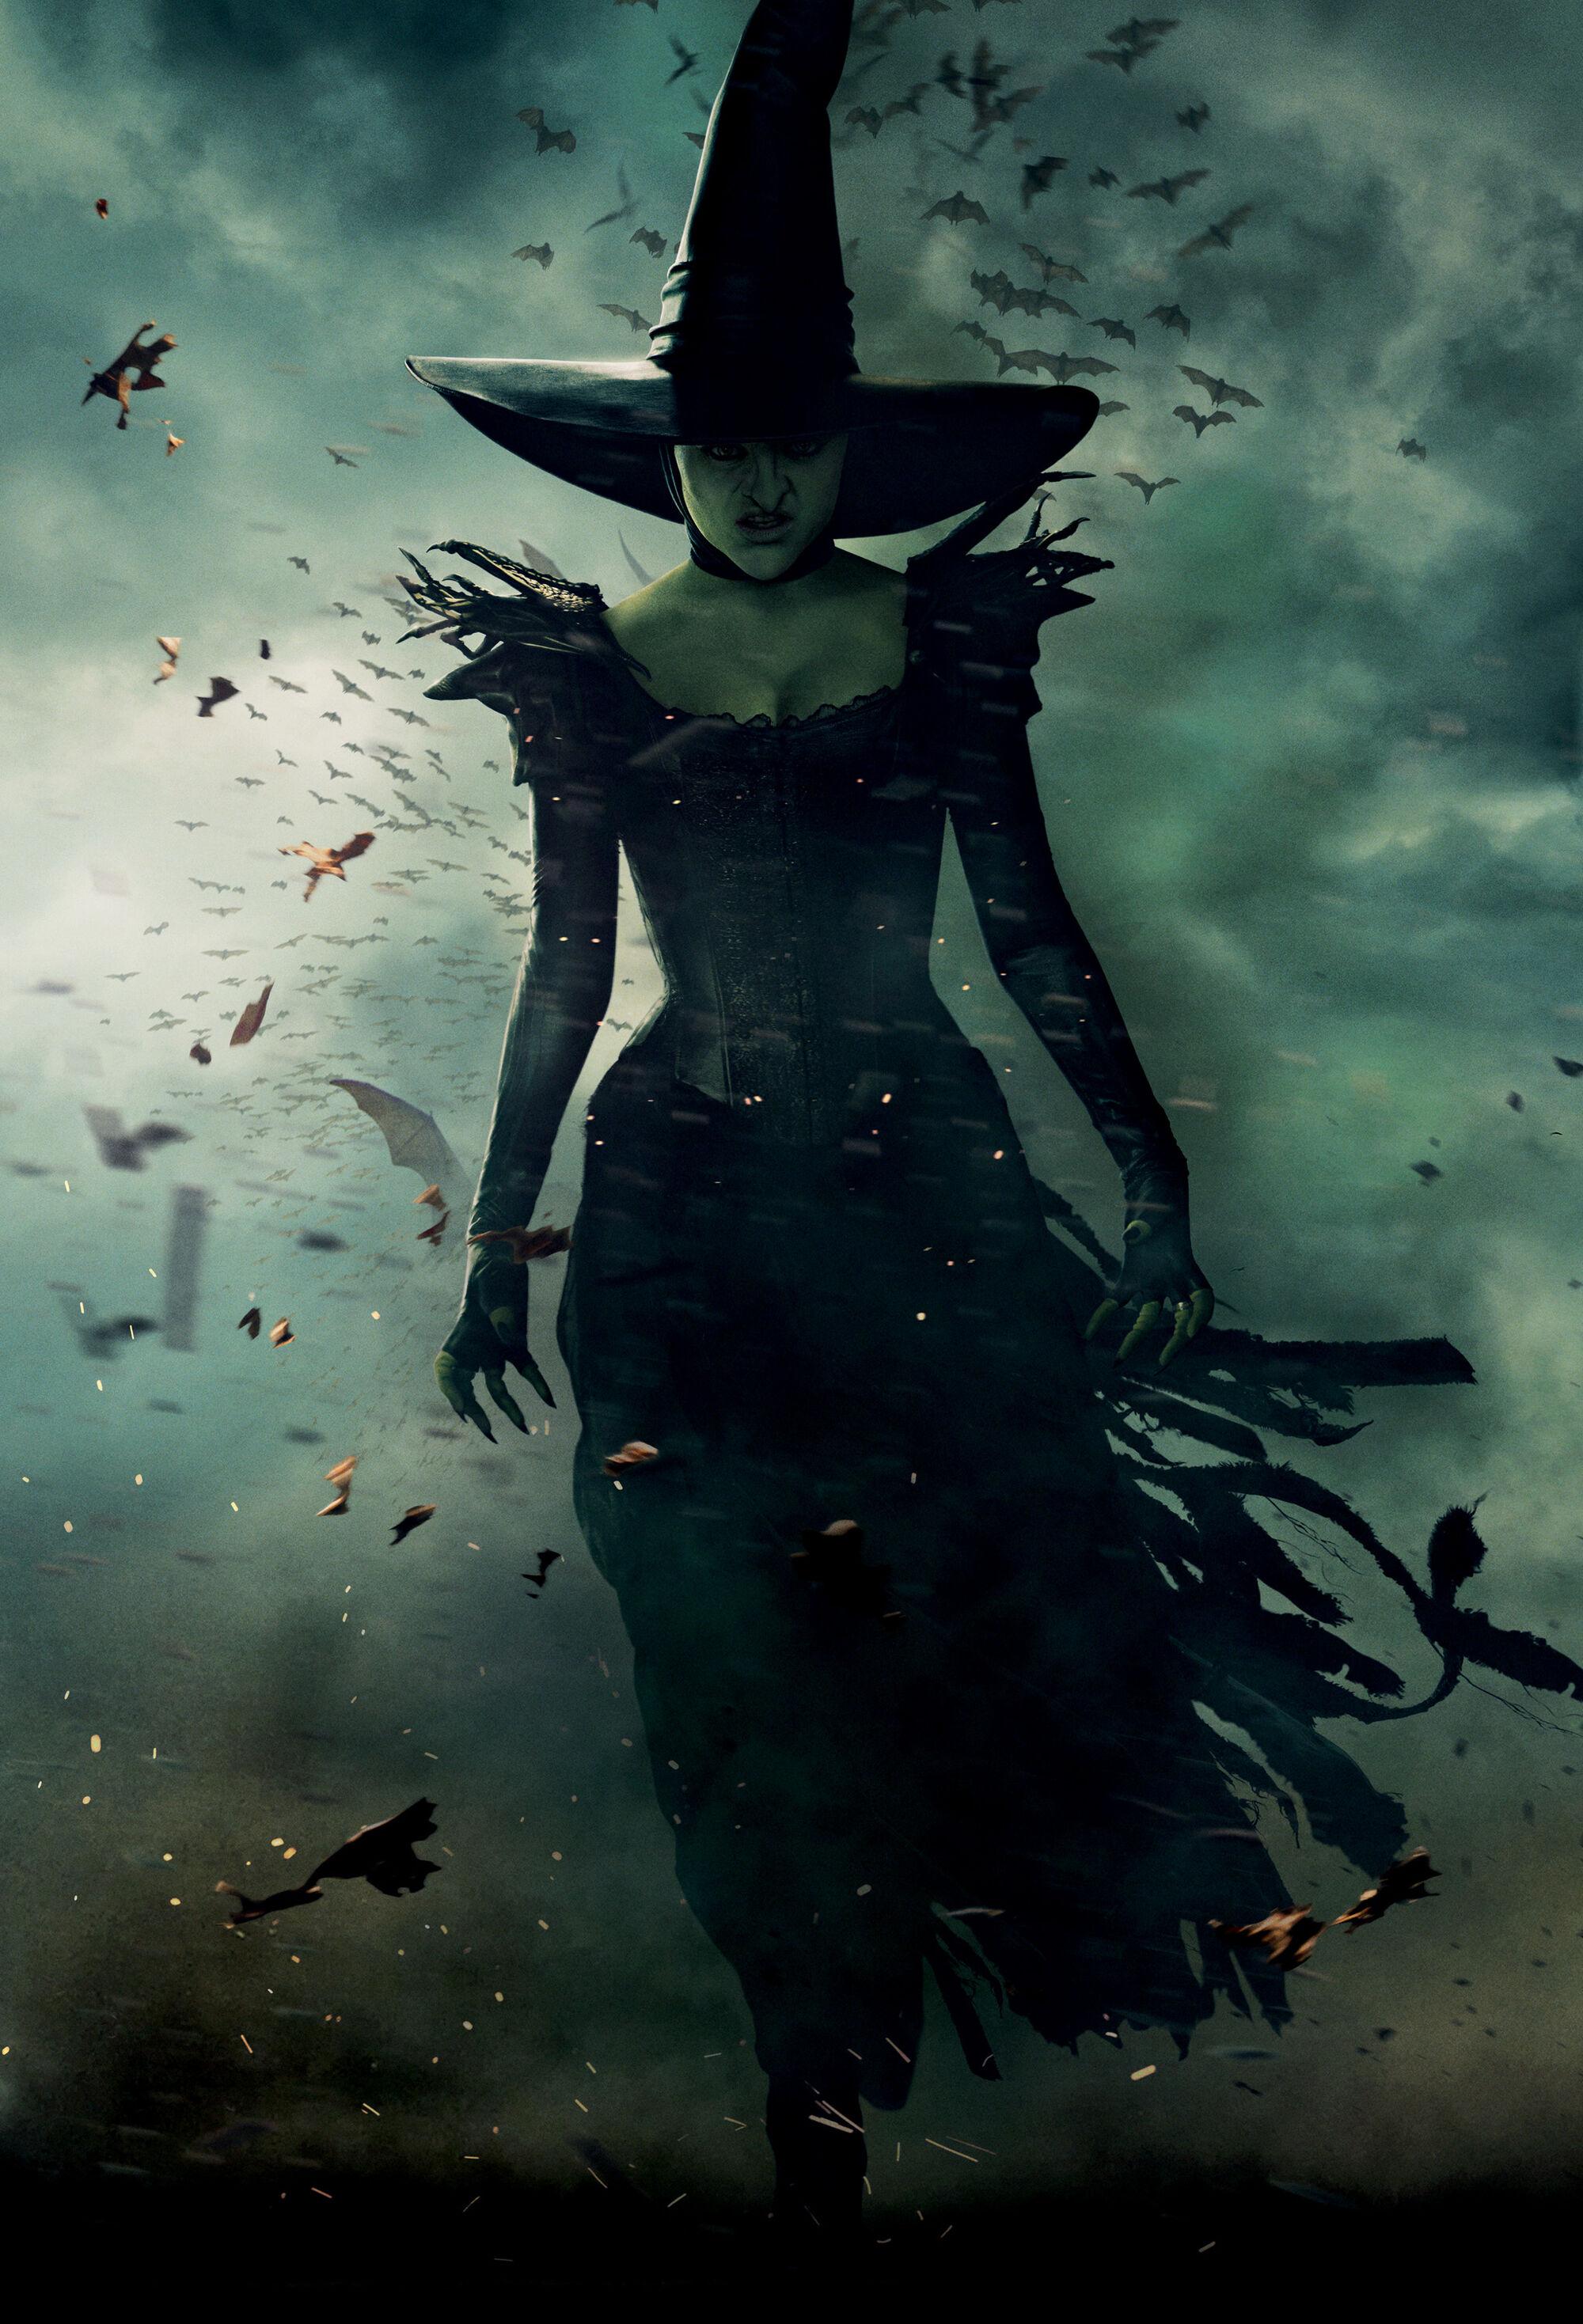 theodora the wicked witch of the west disney wiki